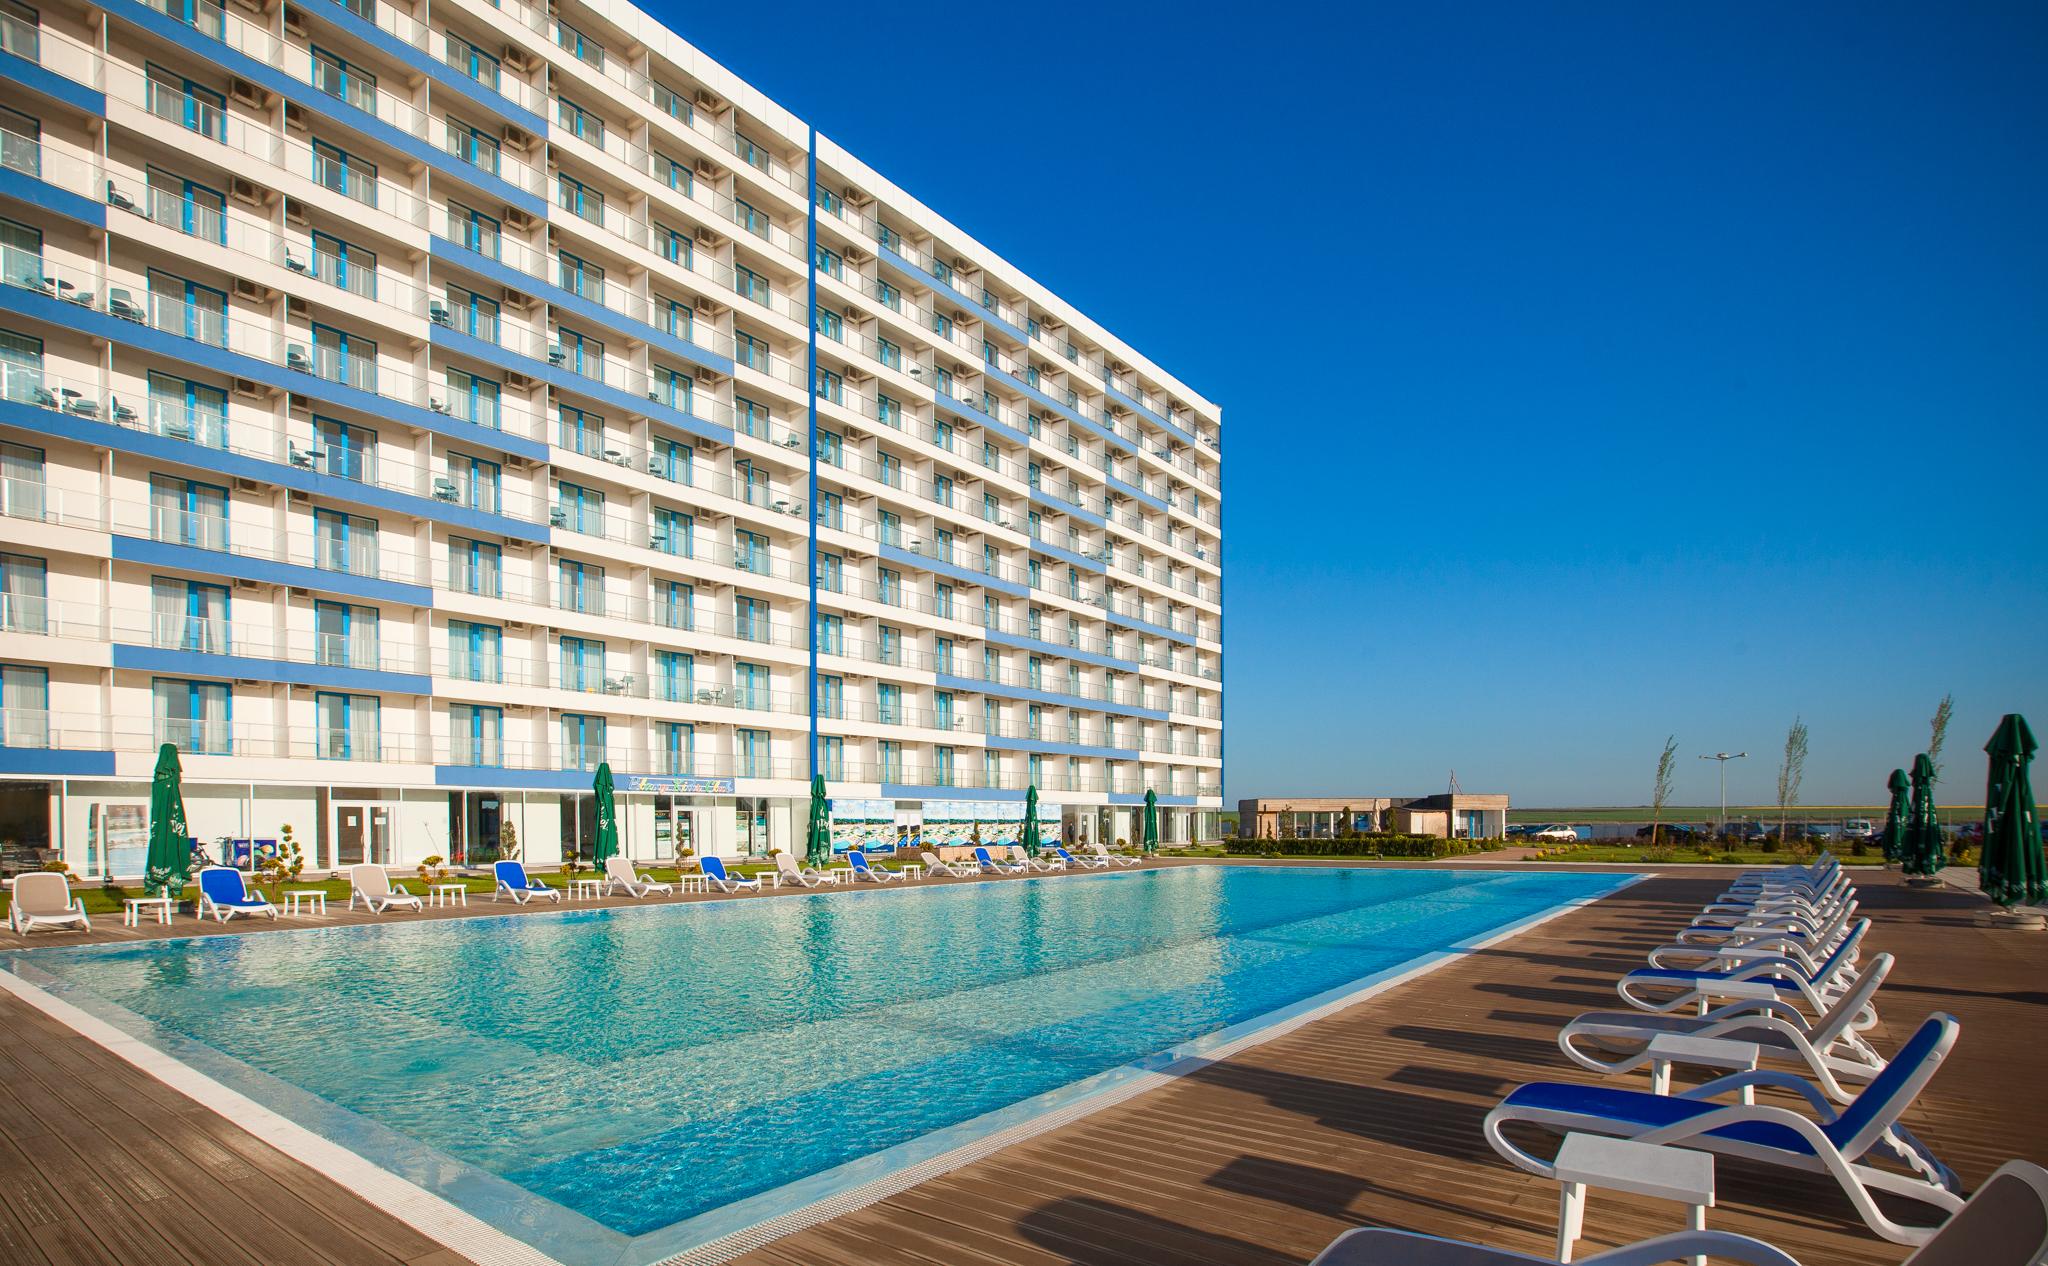 Blaxy Premium Resort Olimp, 23 August